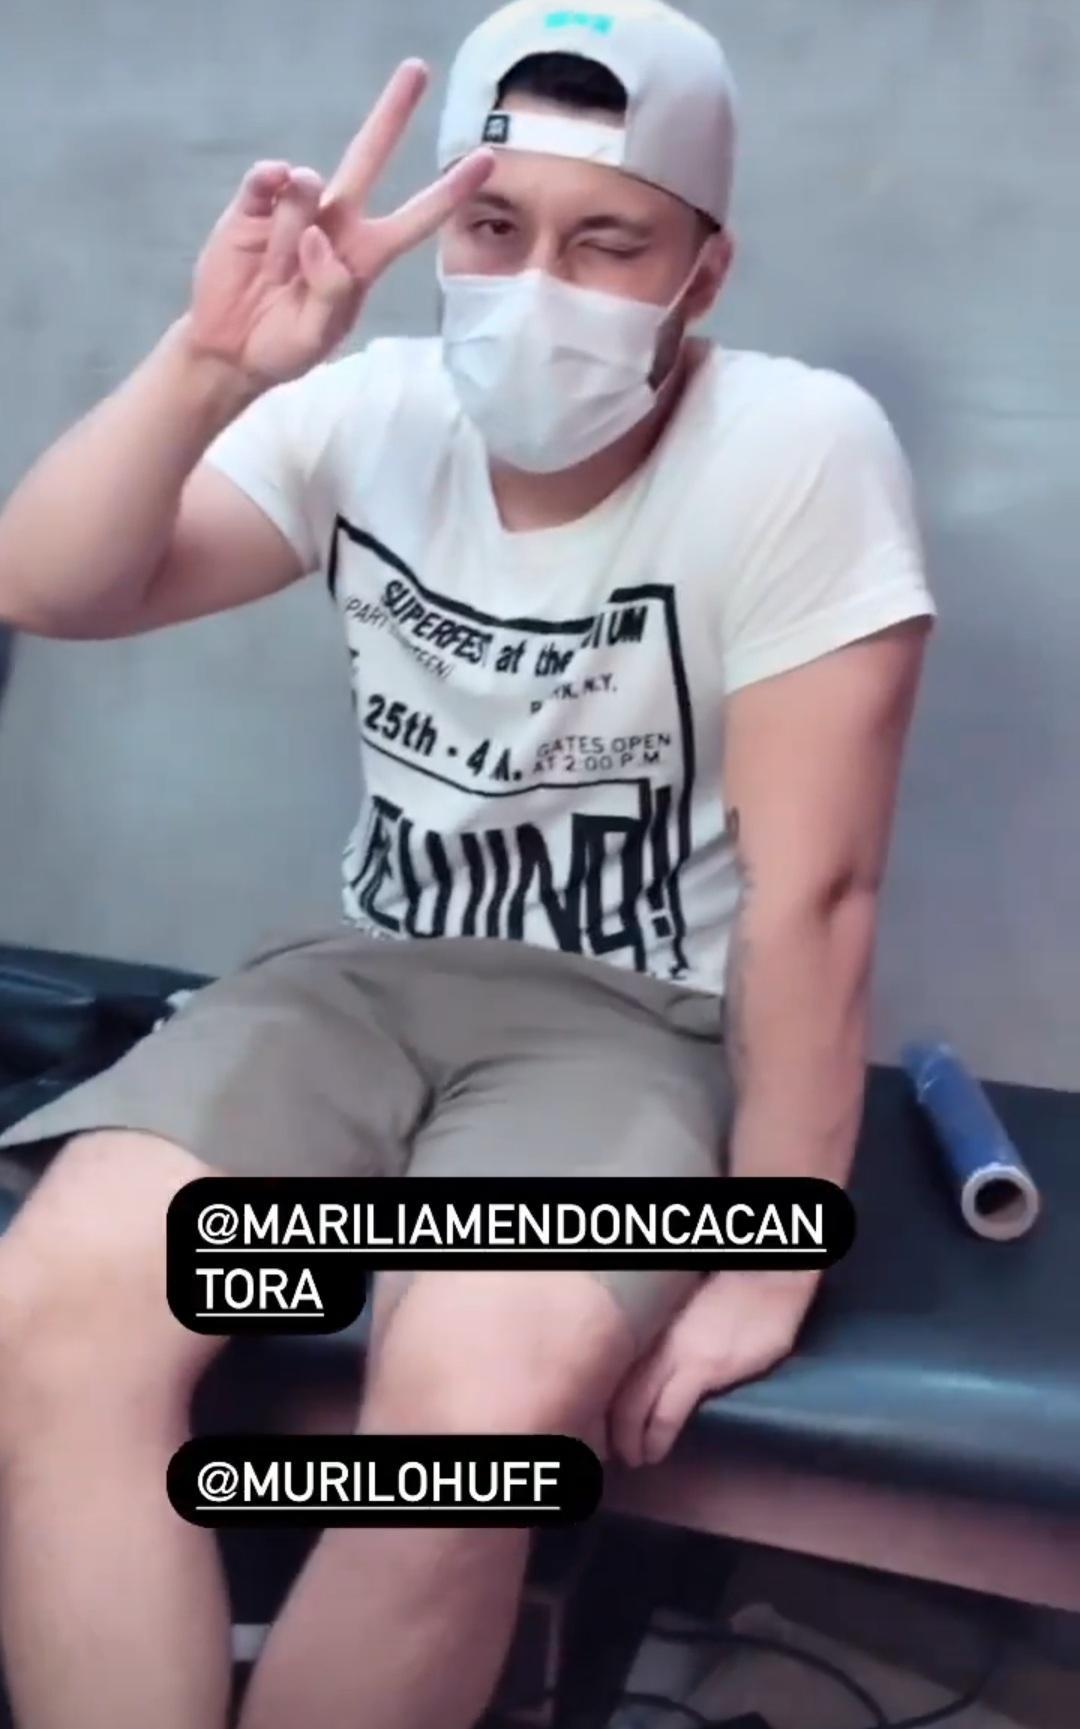 Imagem mostra Murilo Huff de máscara acompanhando Marilia Mendonça, que foi fazer tatuagem